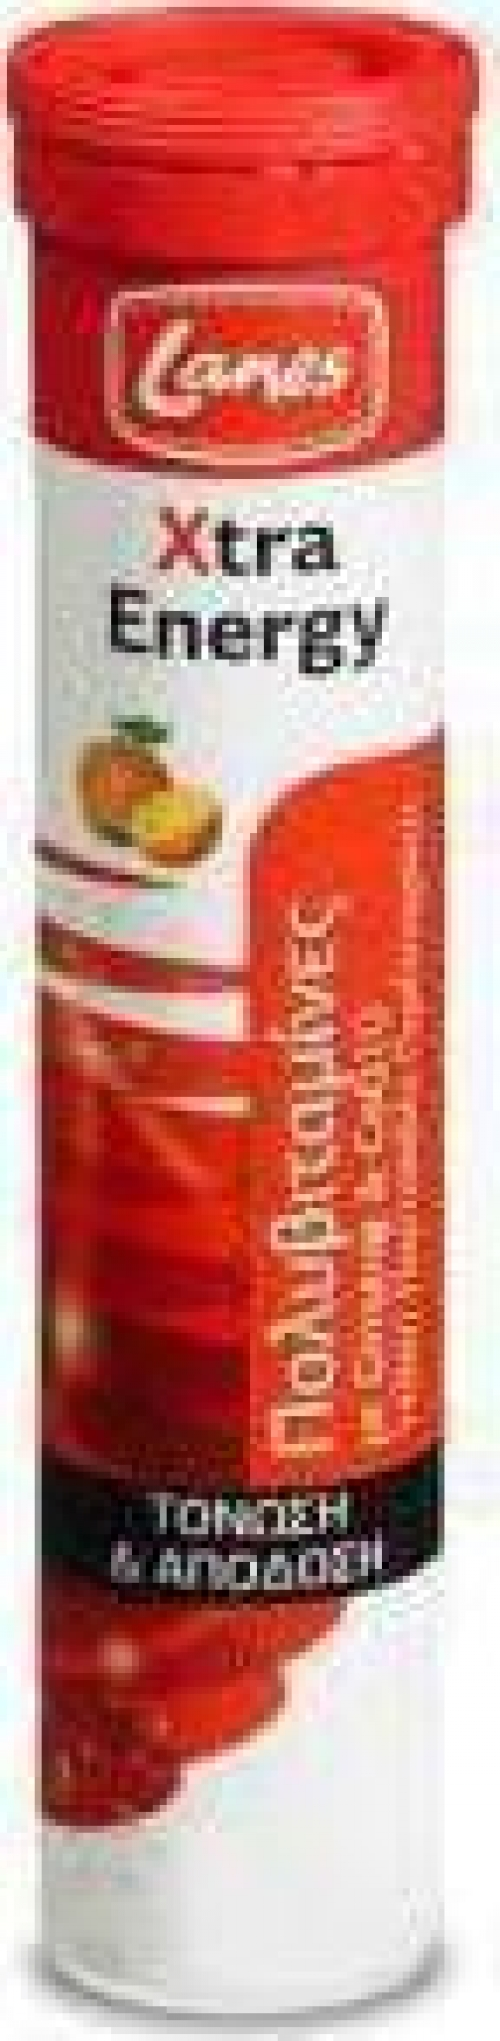 Πολυβιταμίνες Xtra Energy, 20 αναβρ. ταμπλέτες, γεύση πορτοκάλι-γκρέιπφρουτ